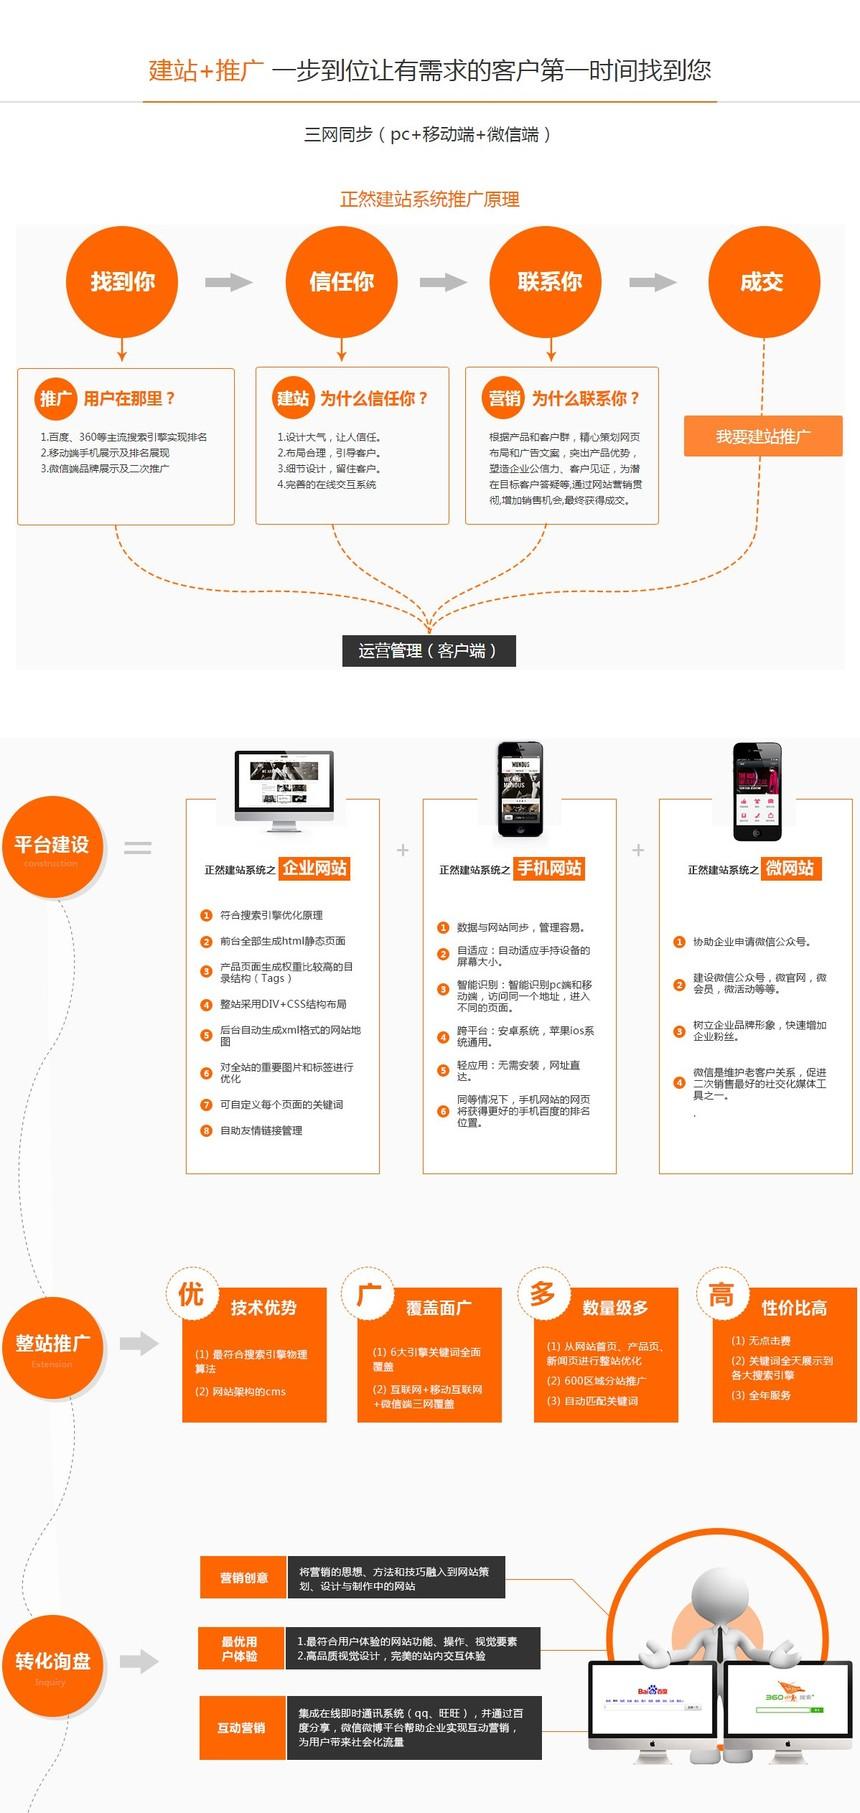 营销网站.jpg